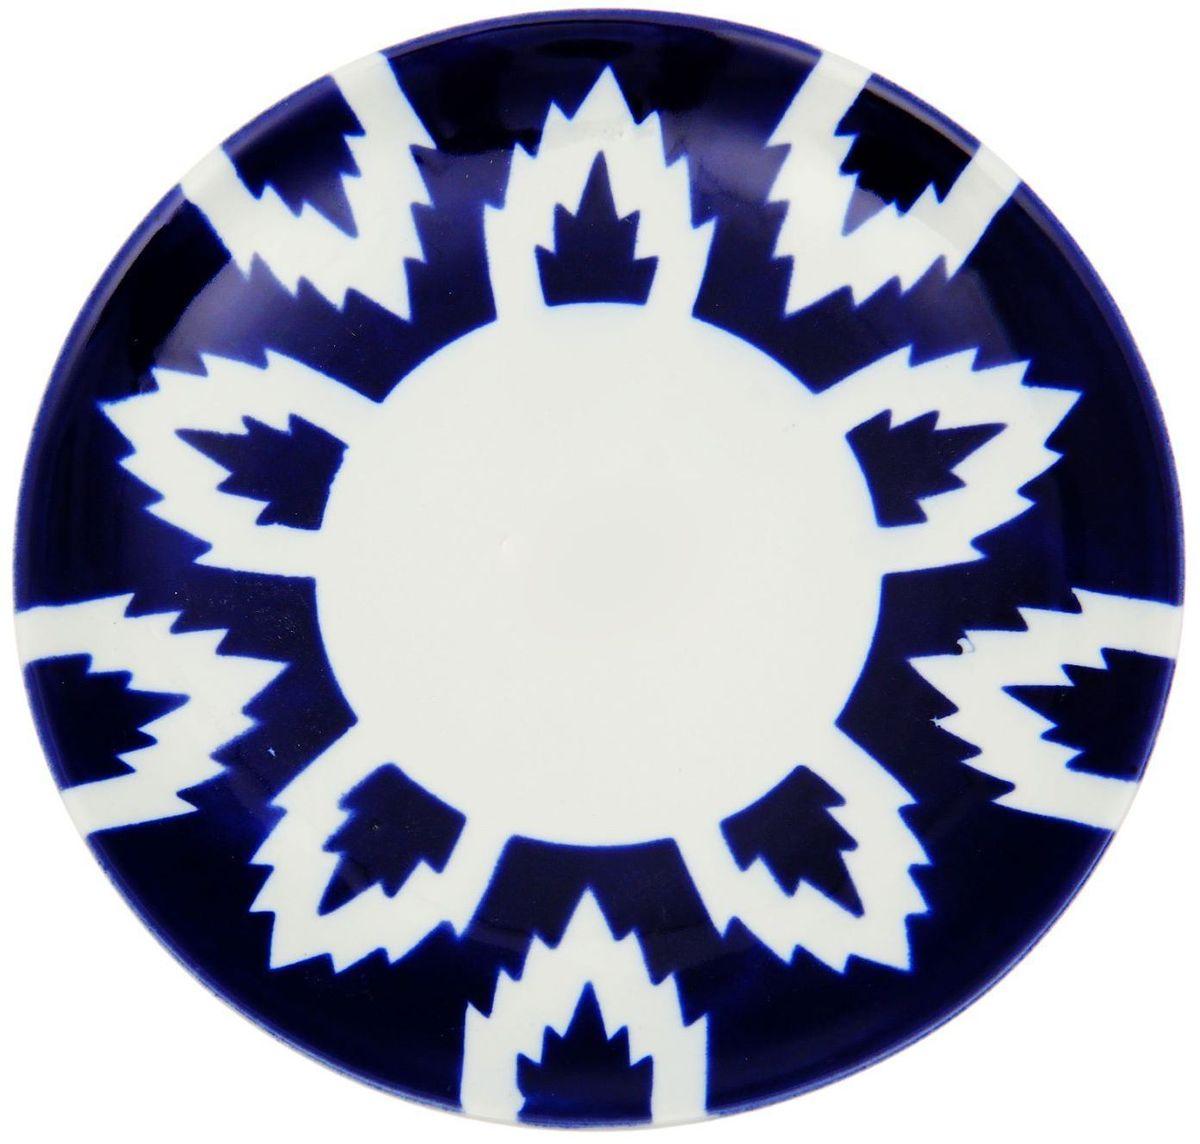 Тарелка Turon Porcelain Атлас, цвет: белый, синий, диаметр 19,5 см1625381Тарелка Turon Porcelain Атлас, выполненная из качественного фарфора, подойдет для повседневной и праздничной сервировки. Дополните стол текстилем и салфетками в тон, чтобы получить элегантное убранство с яркими акцентами.Национальная узбекская роспись Атлас имеет симметричный геометрический рисунок. Узоры, похожие на листья, выводятся тонкой кистью, фон заливается темно-синим кобальтом. Синий краситель при обжиге слегка растекается и придает контуру изображений голубой оттенок. Густая глазурь наносится толстым слоем, благодаря чему рисунок мерцает.Узбекская посуда известна всему миру уже более тысячи лет. Ей любовались царские особы, на ней подавали еду для шейхов и знатных персон. Формулы красок и глазури передаются из поколения в поколение. По сей день качественные расписные изделия продолжают восхищать совершенством и завораживающей красотой.